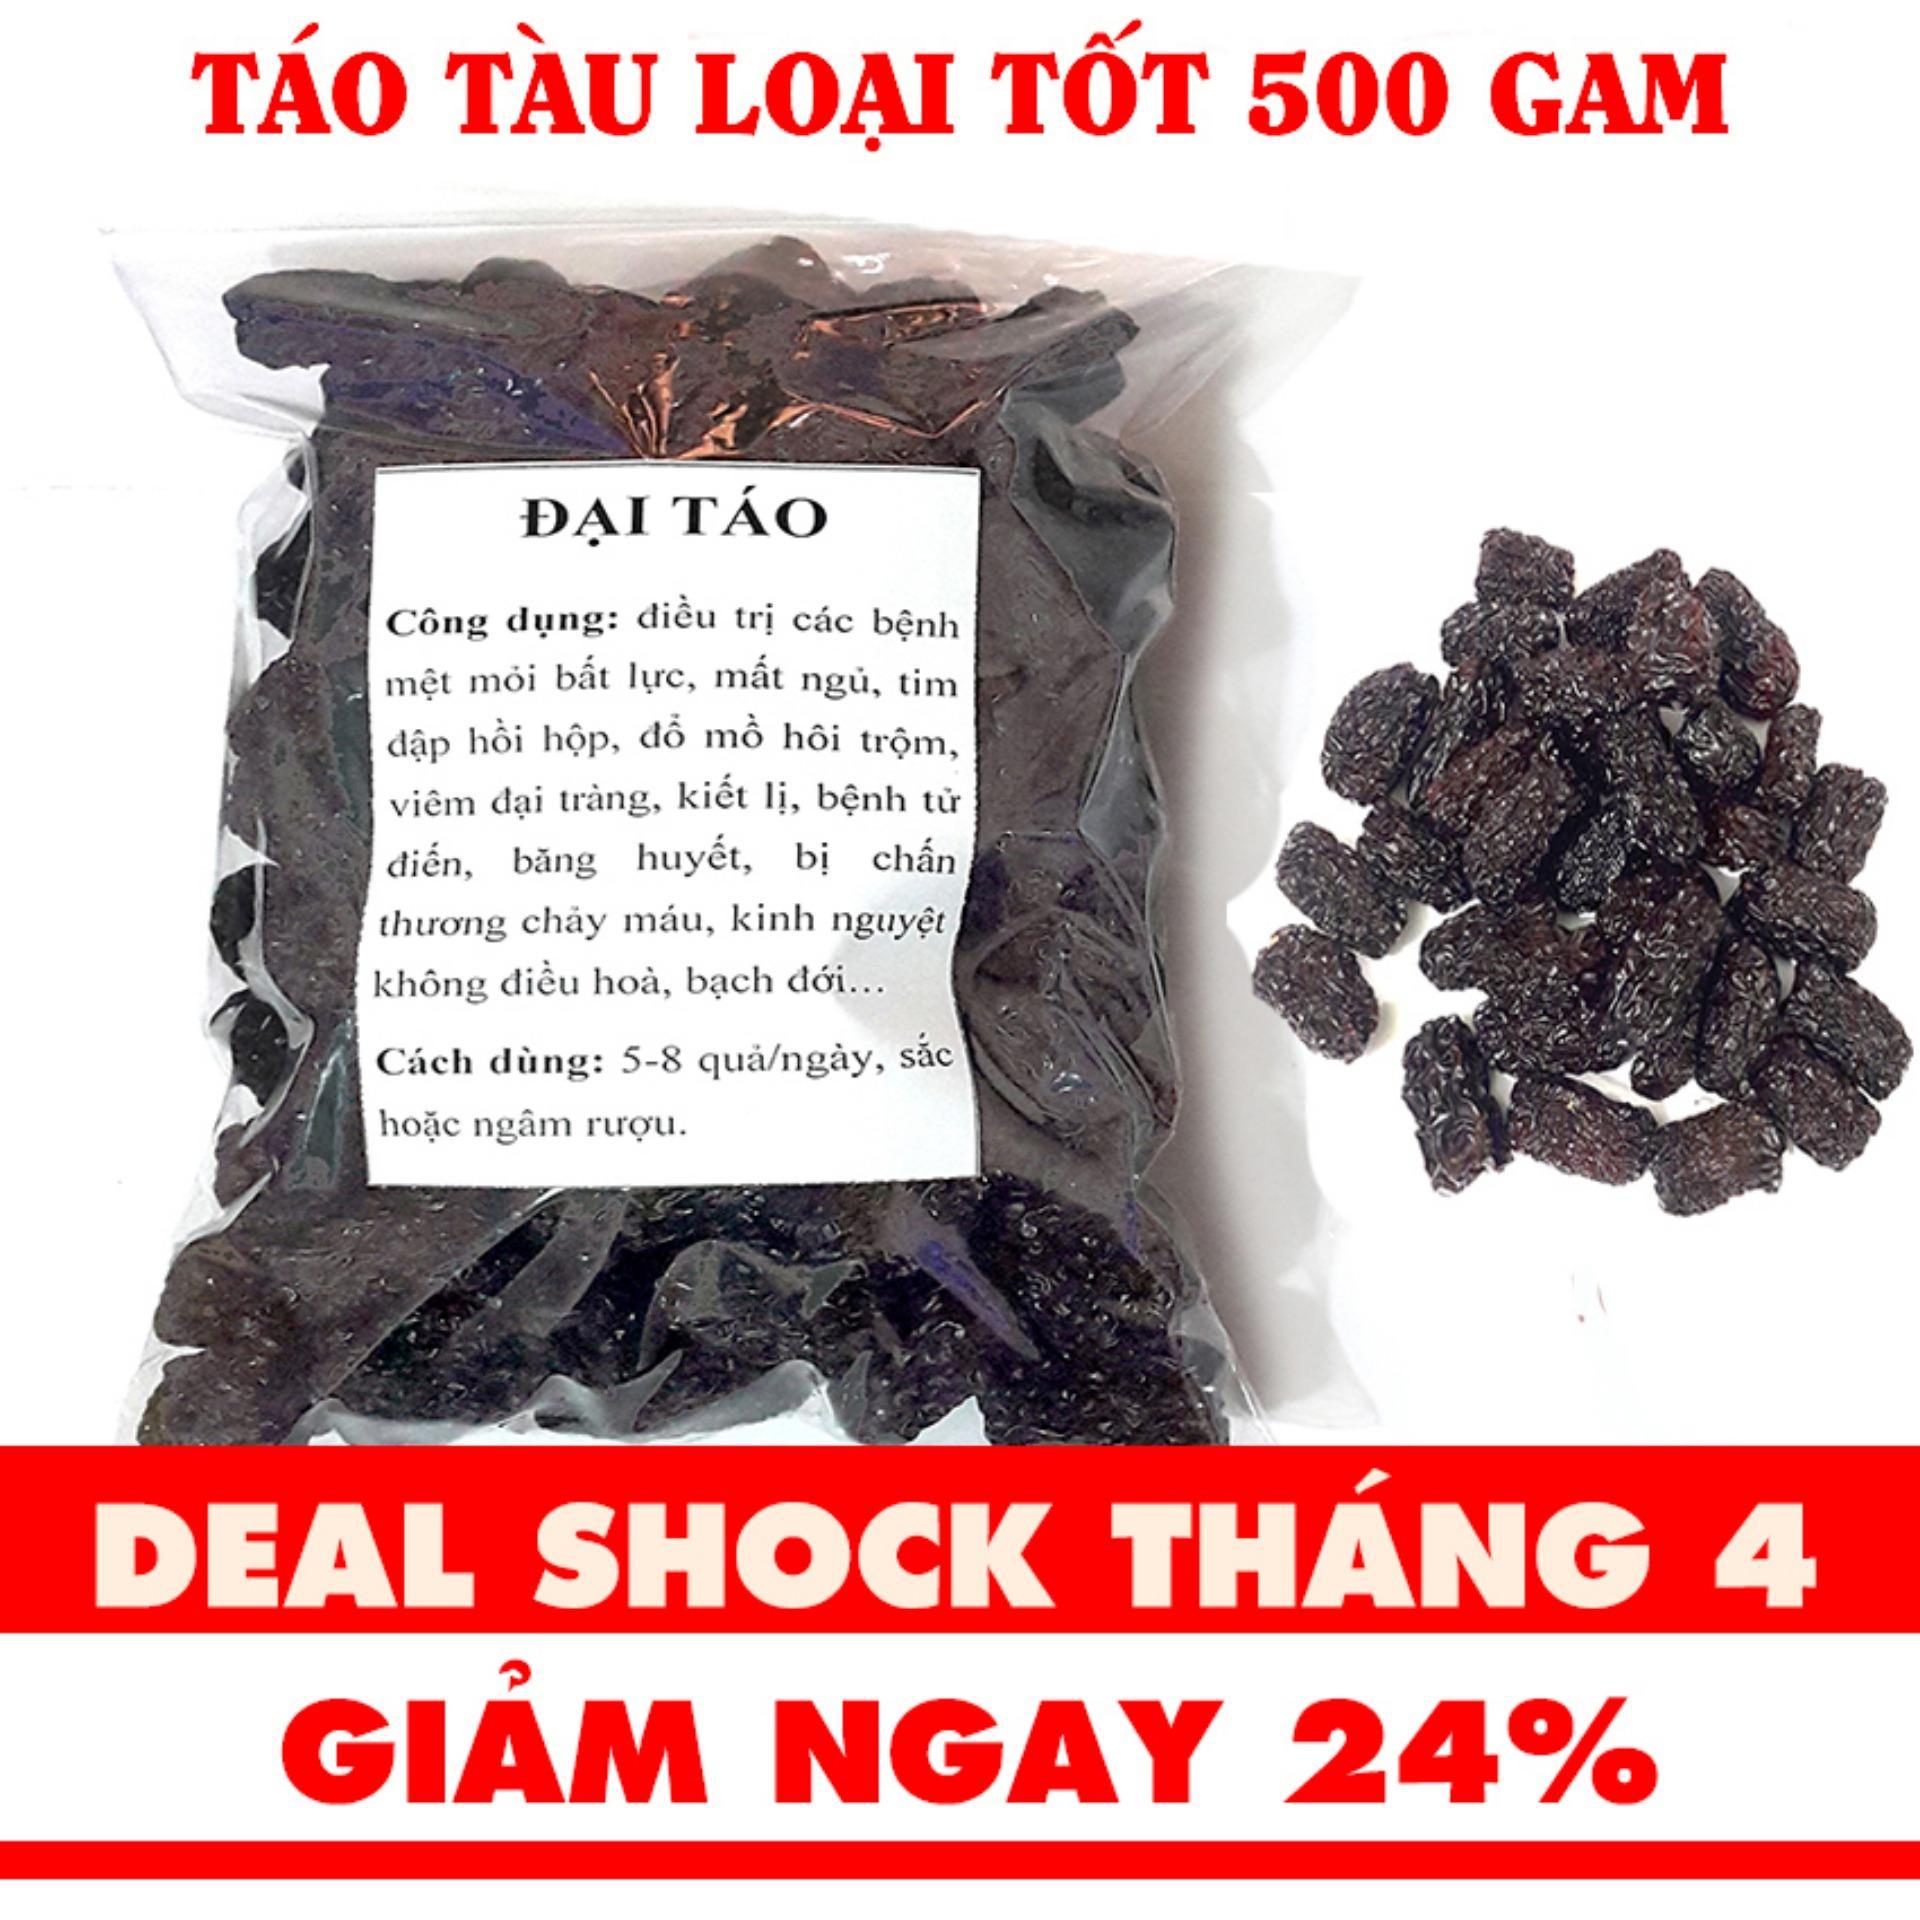 Giá Bán Tao Tau Đen 500G Hang Tốt Ảnh Thật Mới